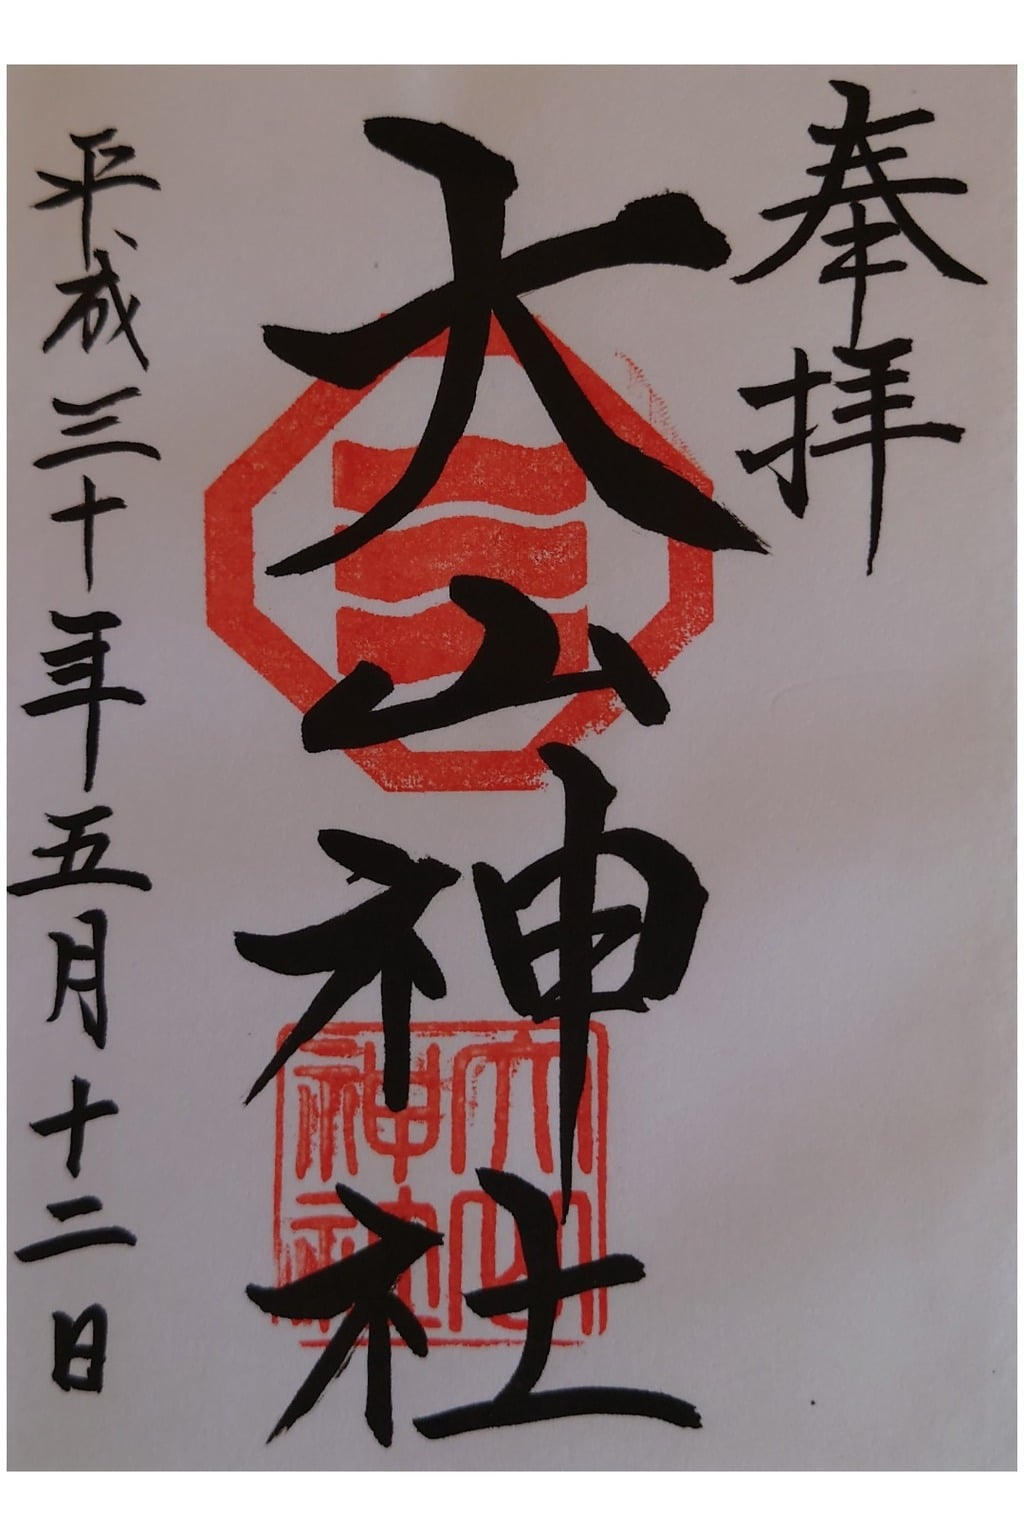 大山神社(自転車神社・耳明神社)の御朱印